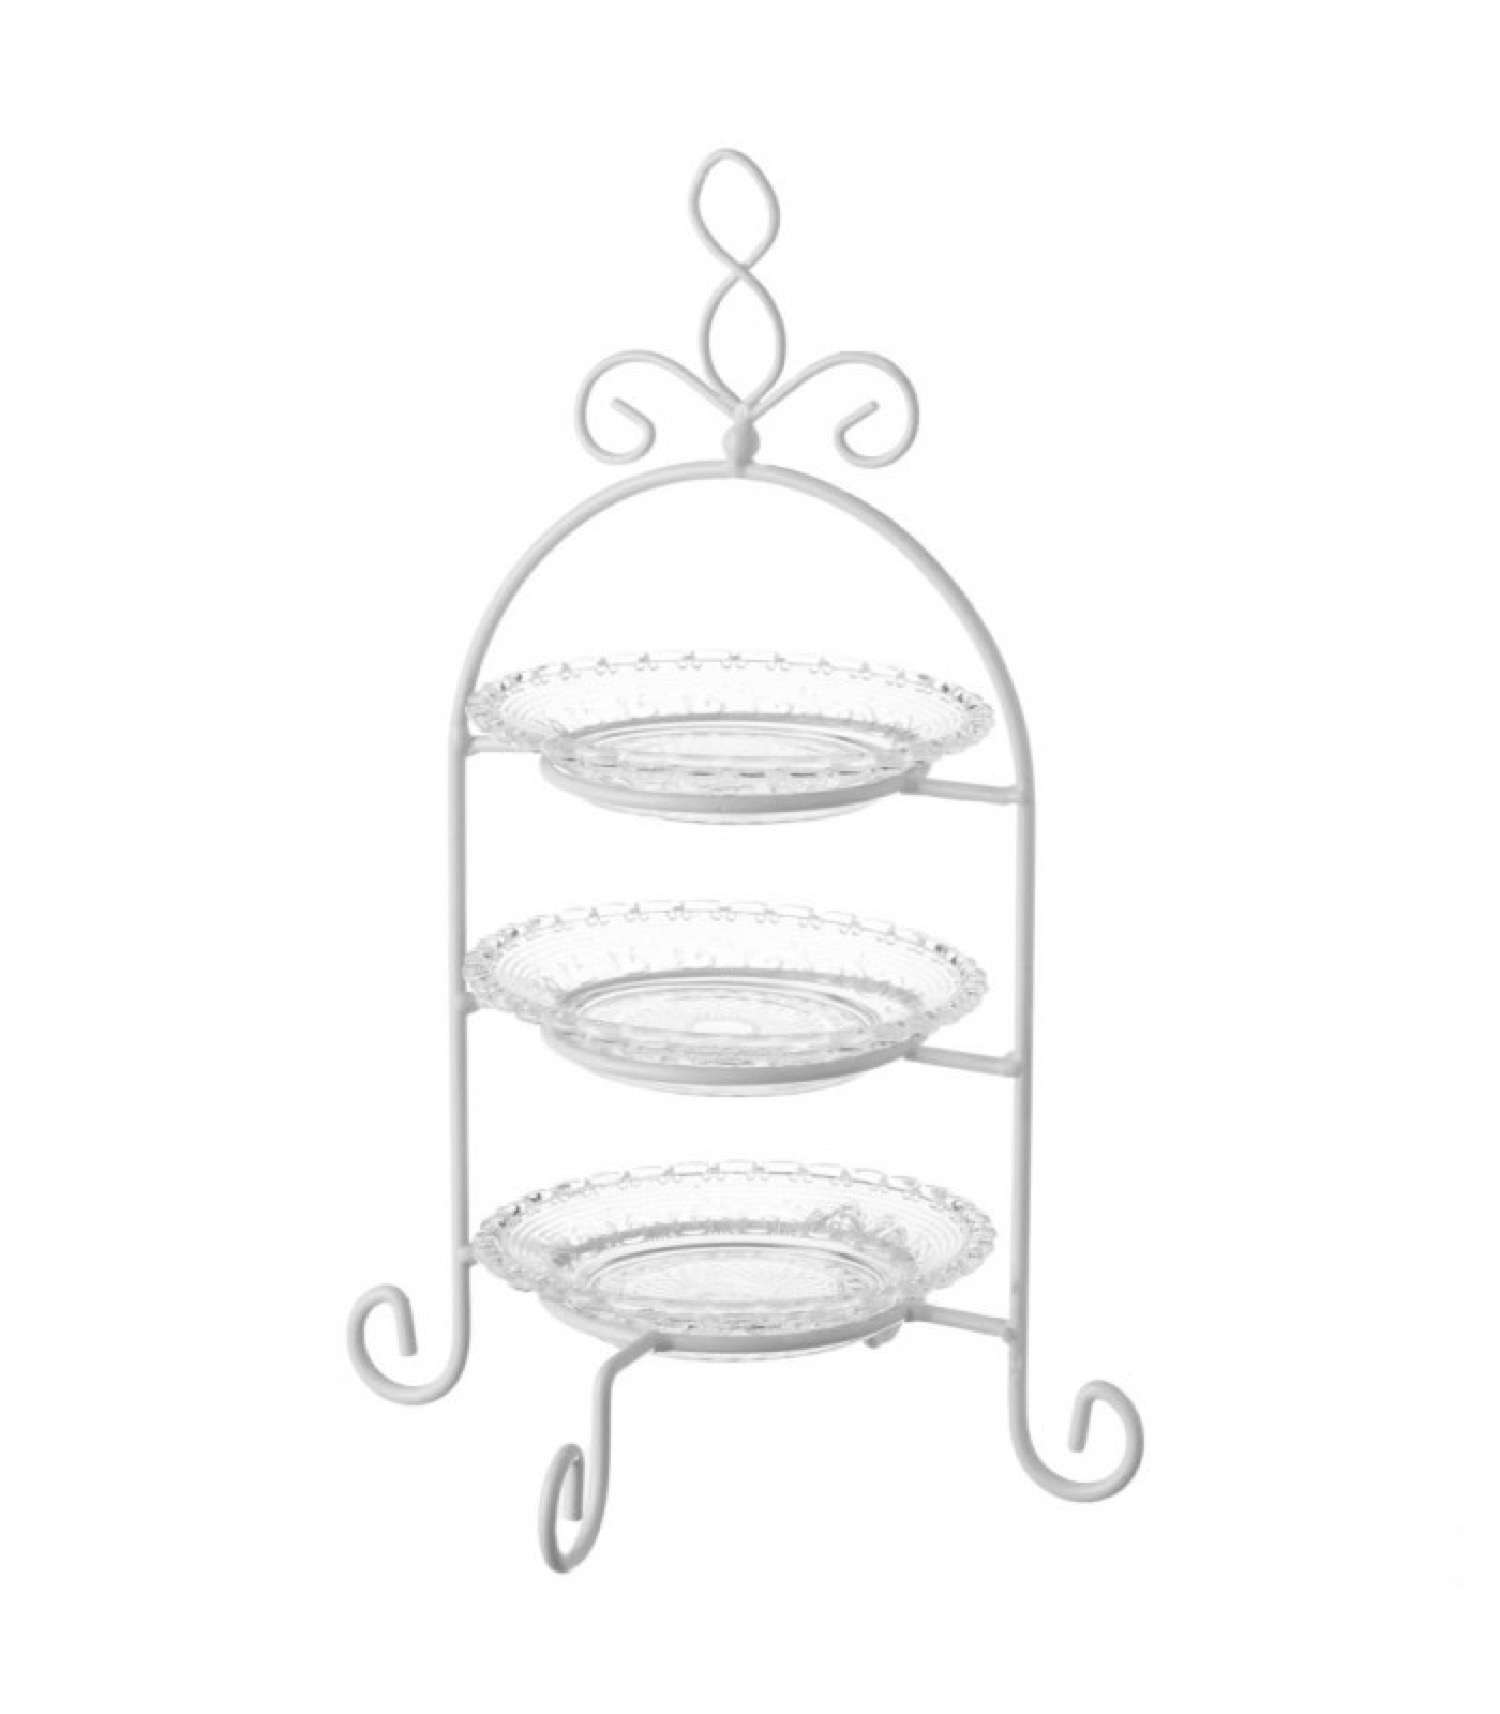 Plat de présentation fruits ou gâteaux en verre H32,5cm